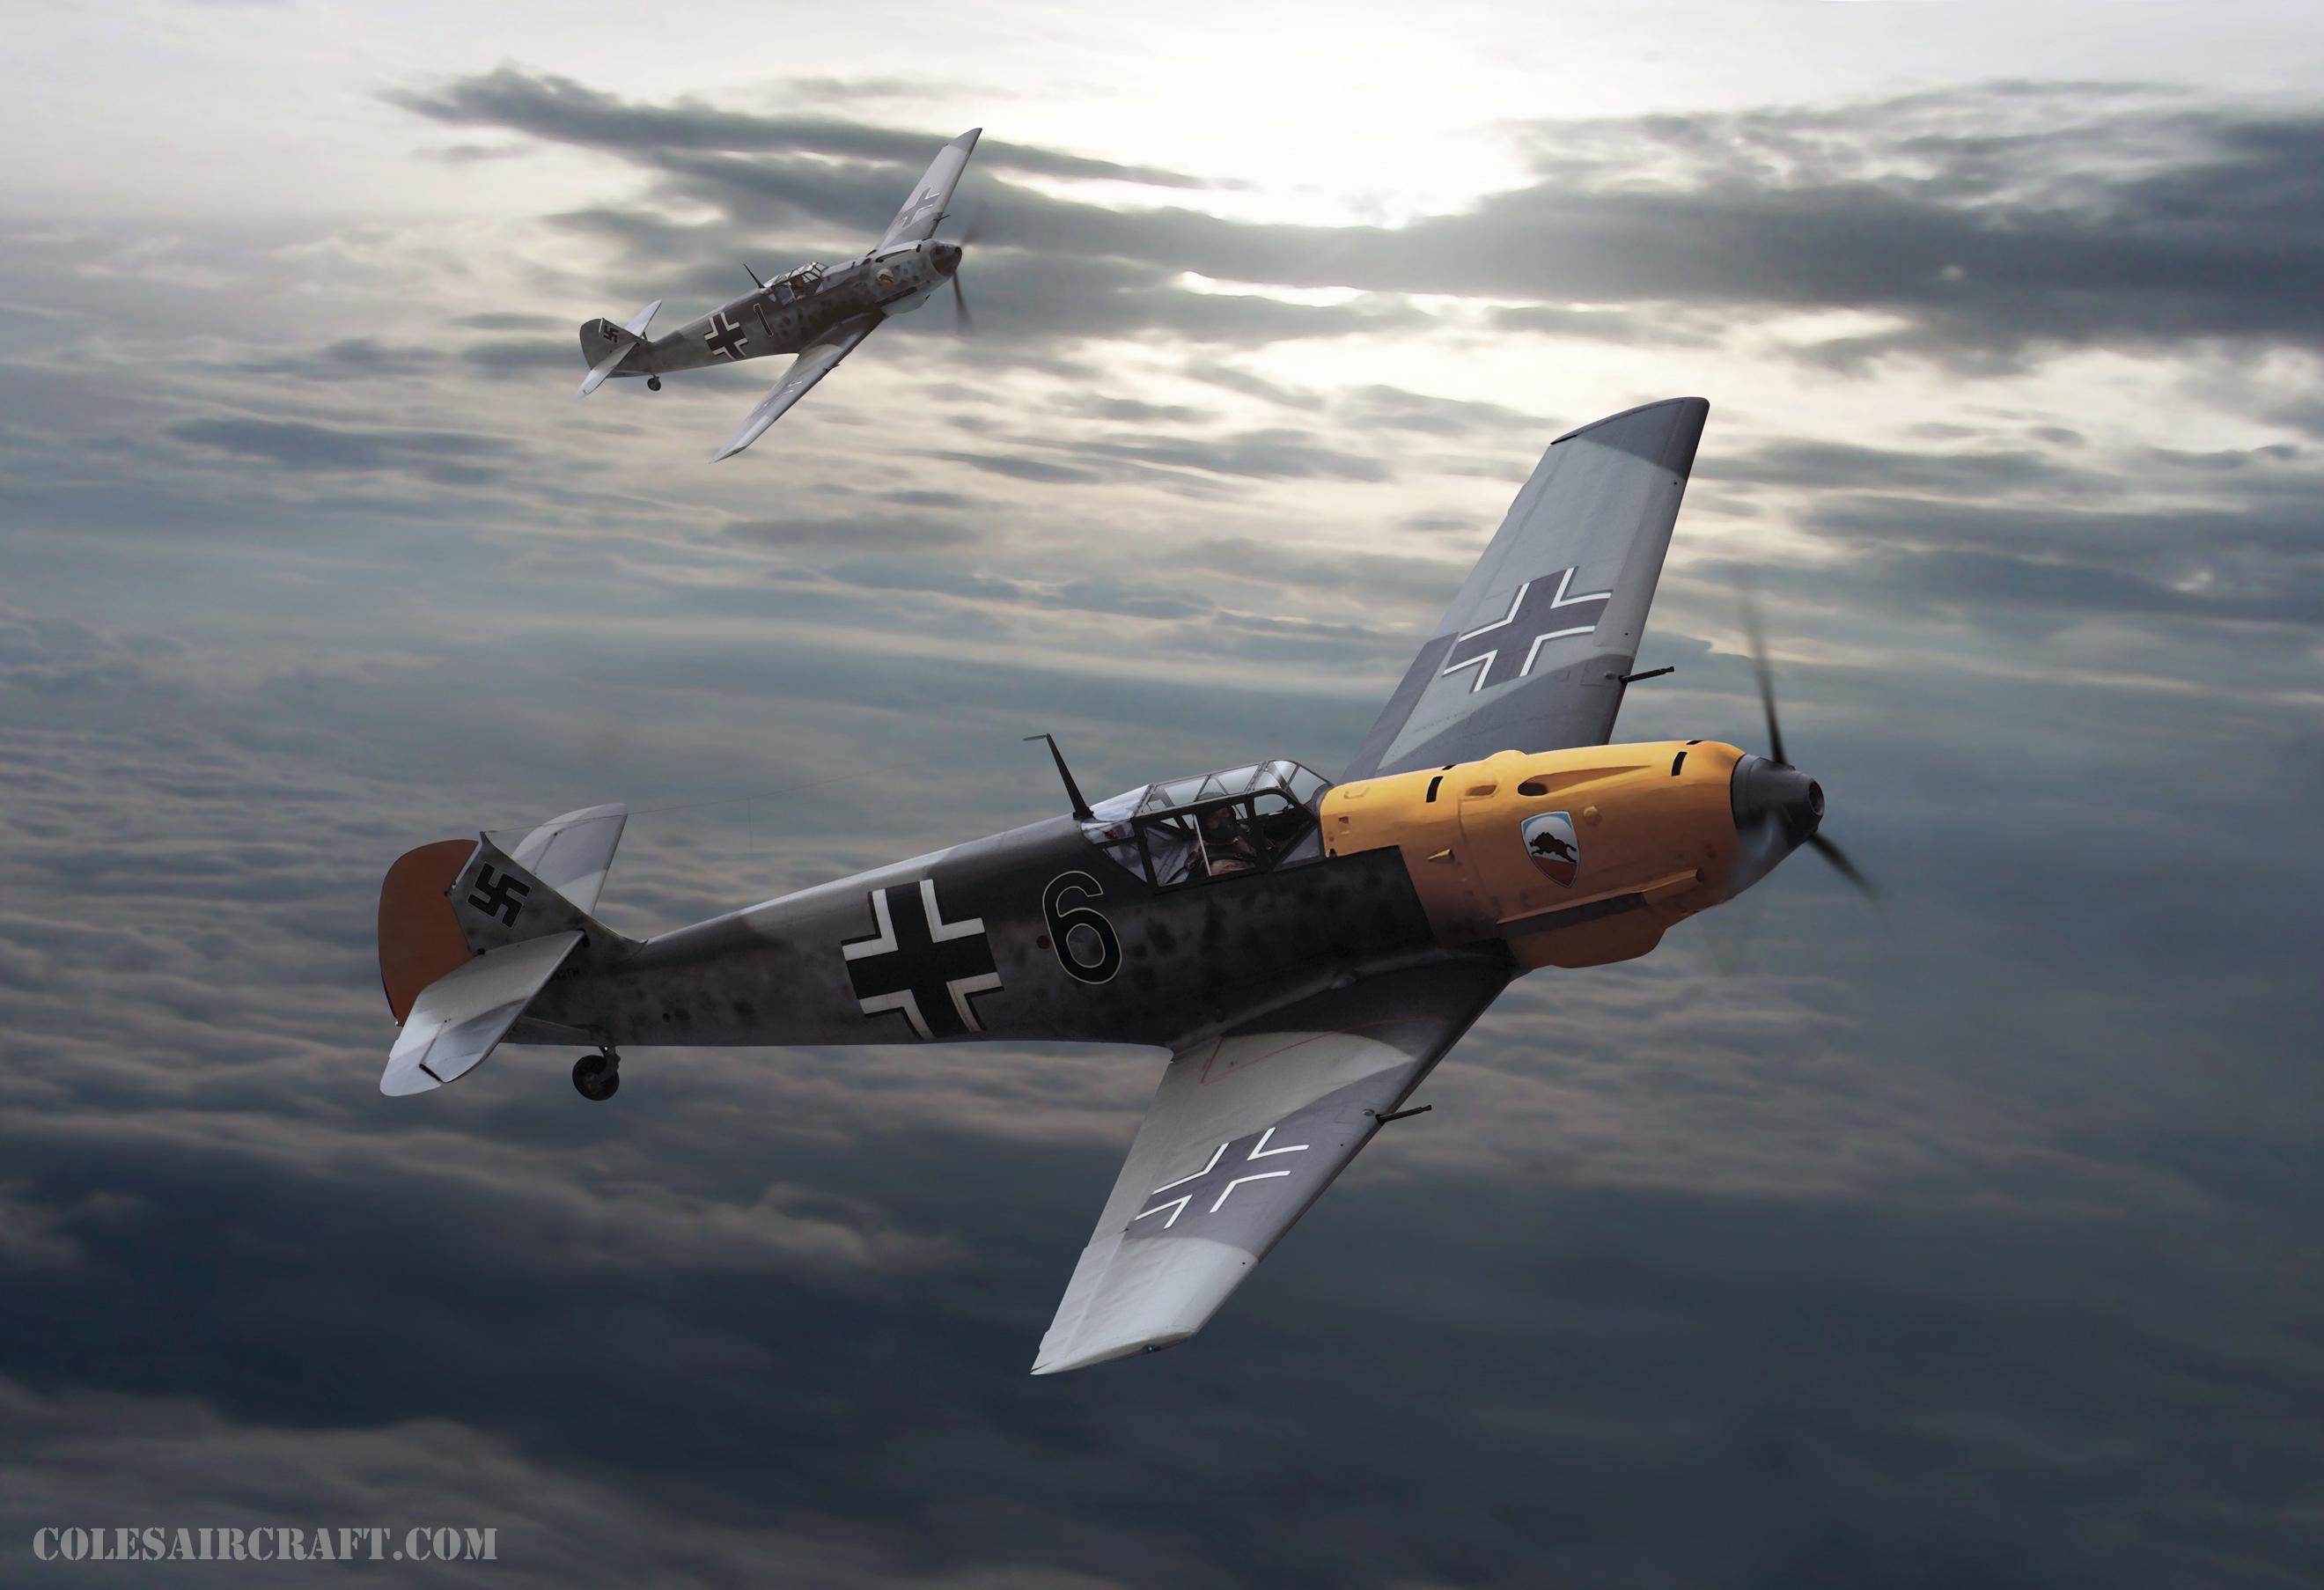 Messerschmitt Bf 109E3 2.JG52 Black 6 artwork by Colesaircraft.com 0A